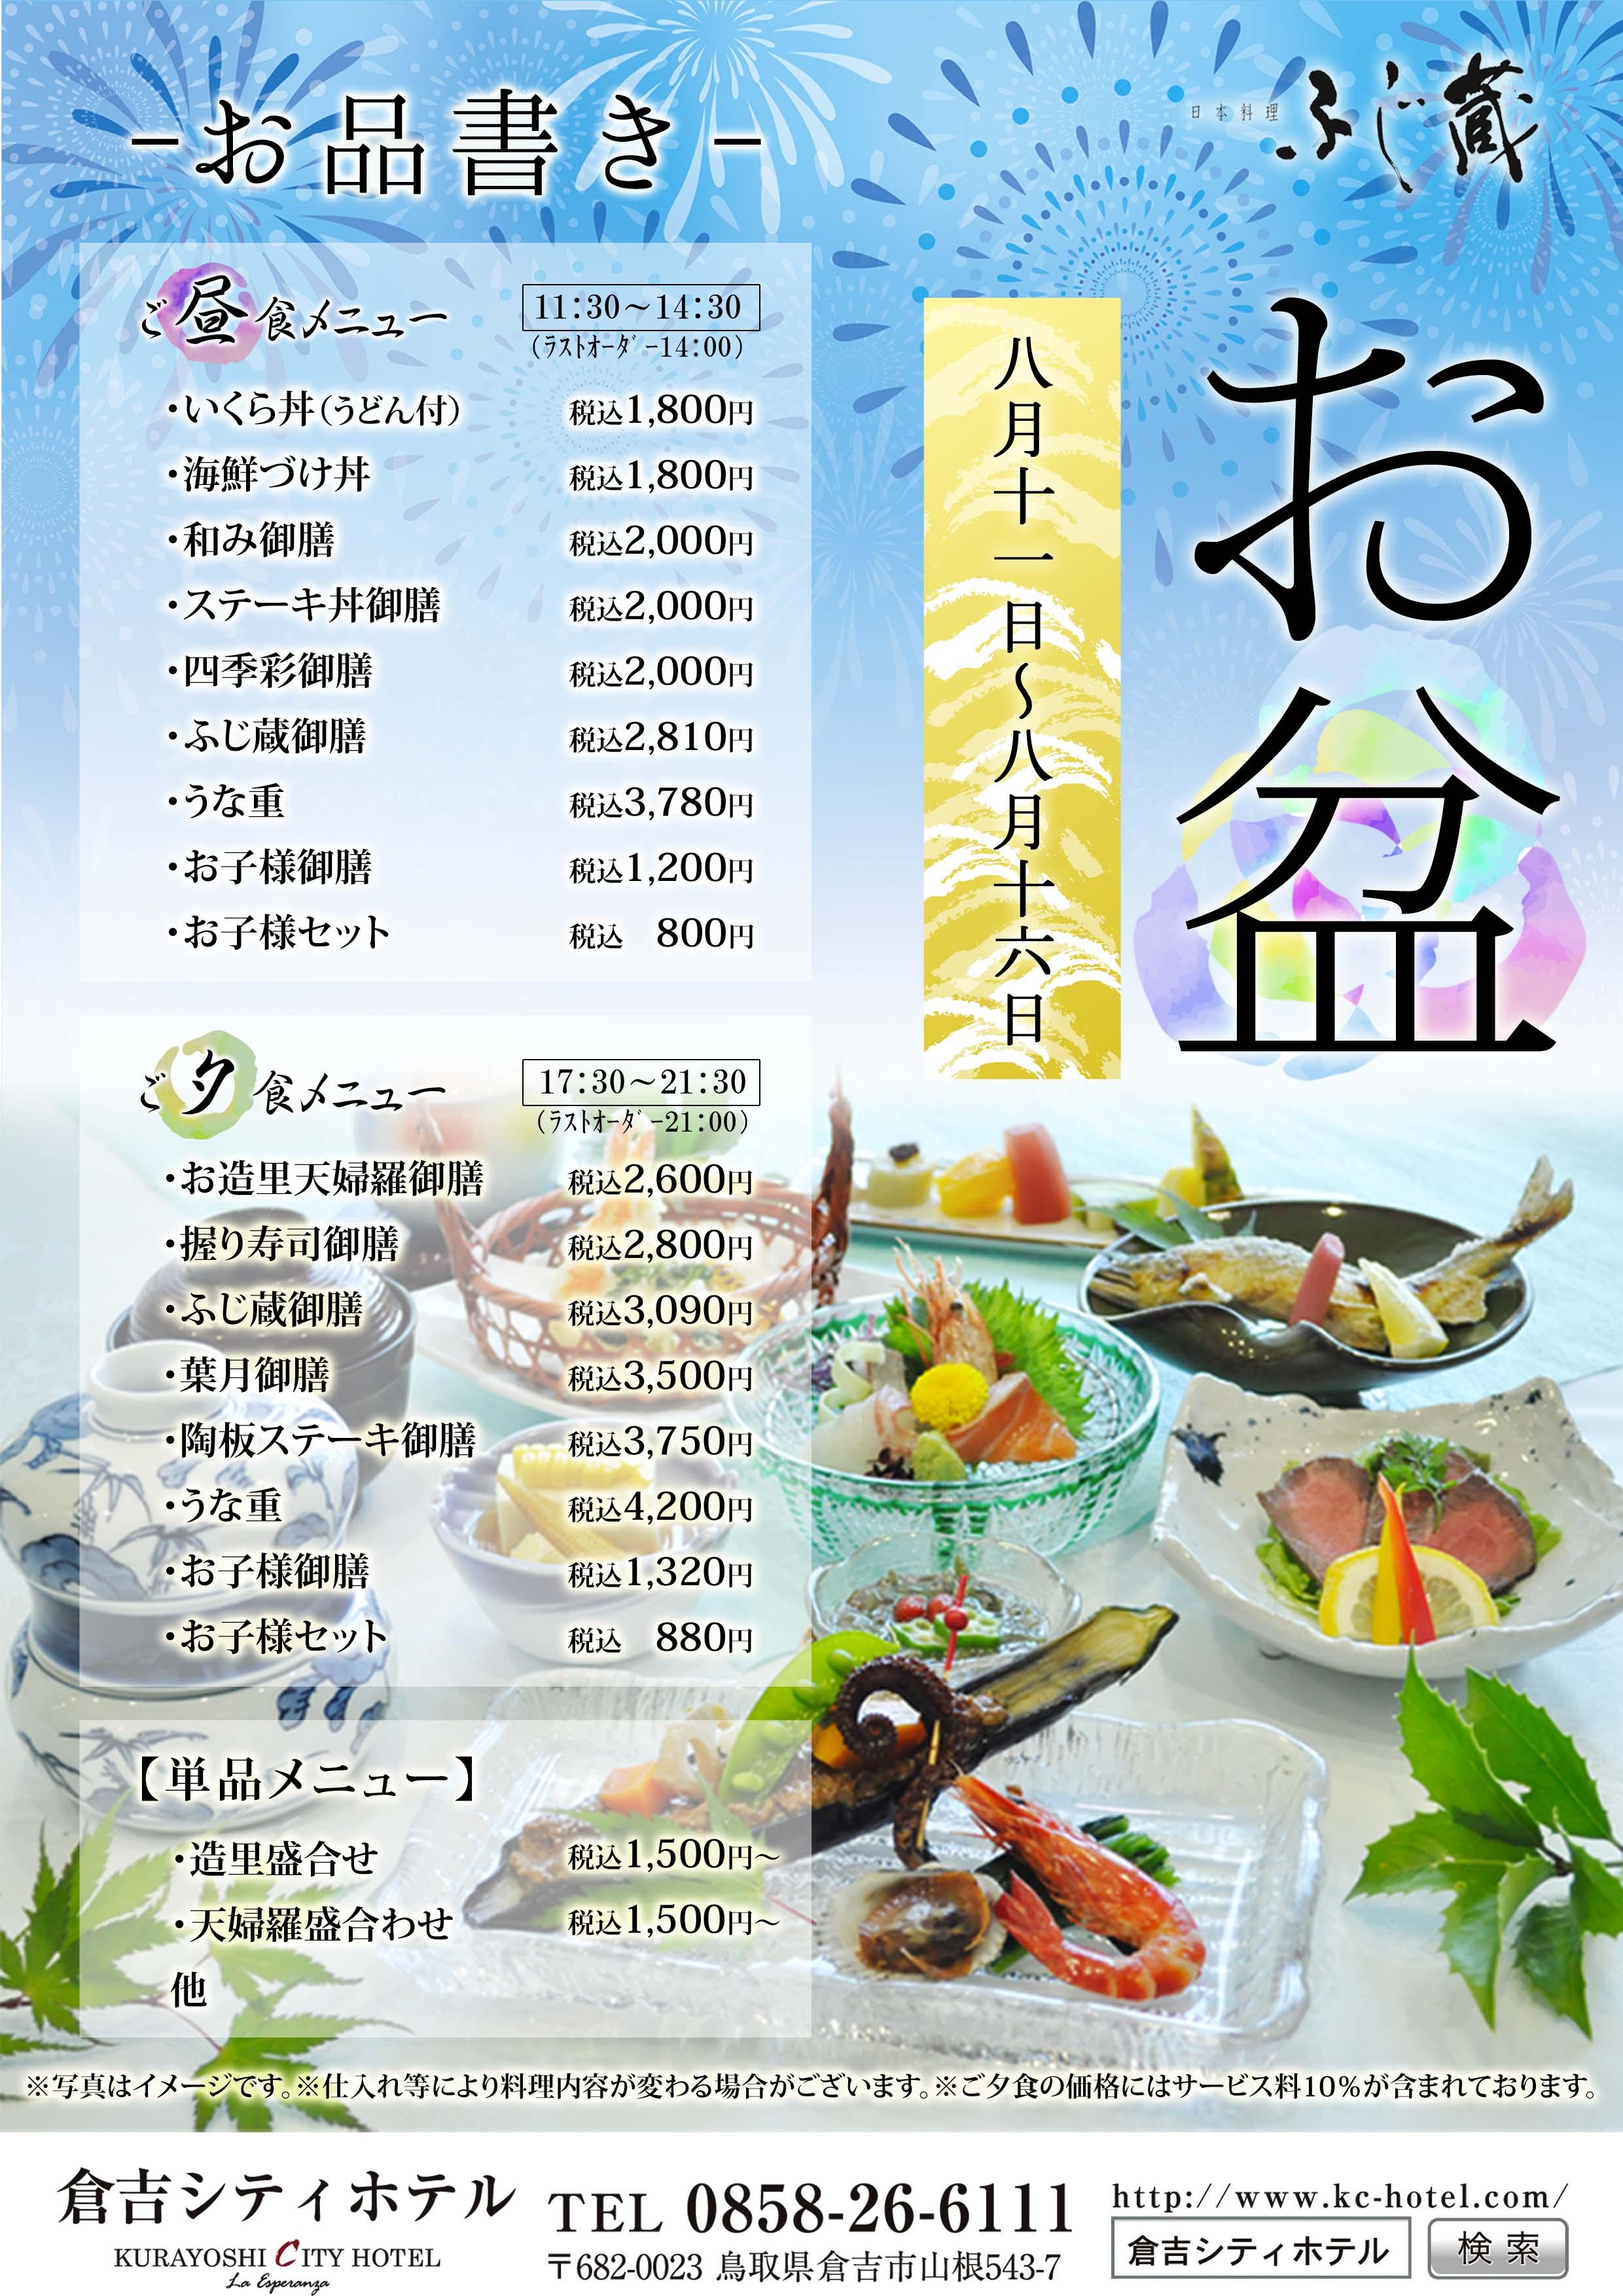 お盆特別メニューのご案内【8/11...